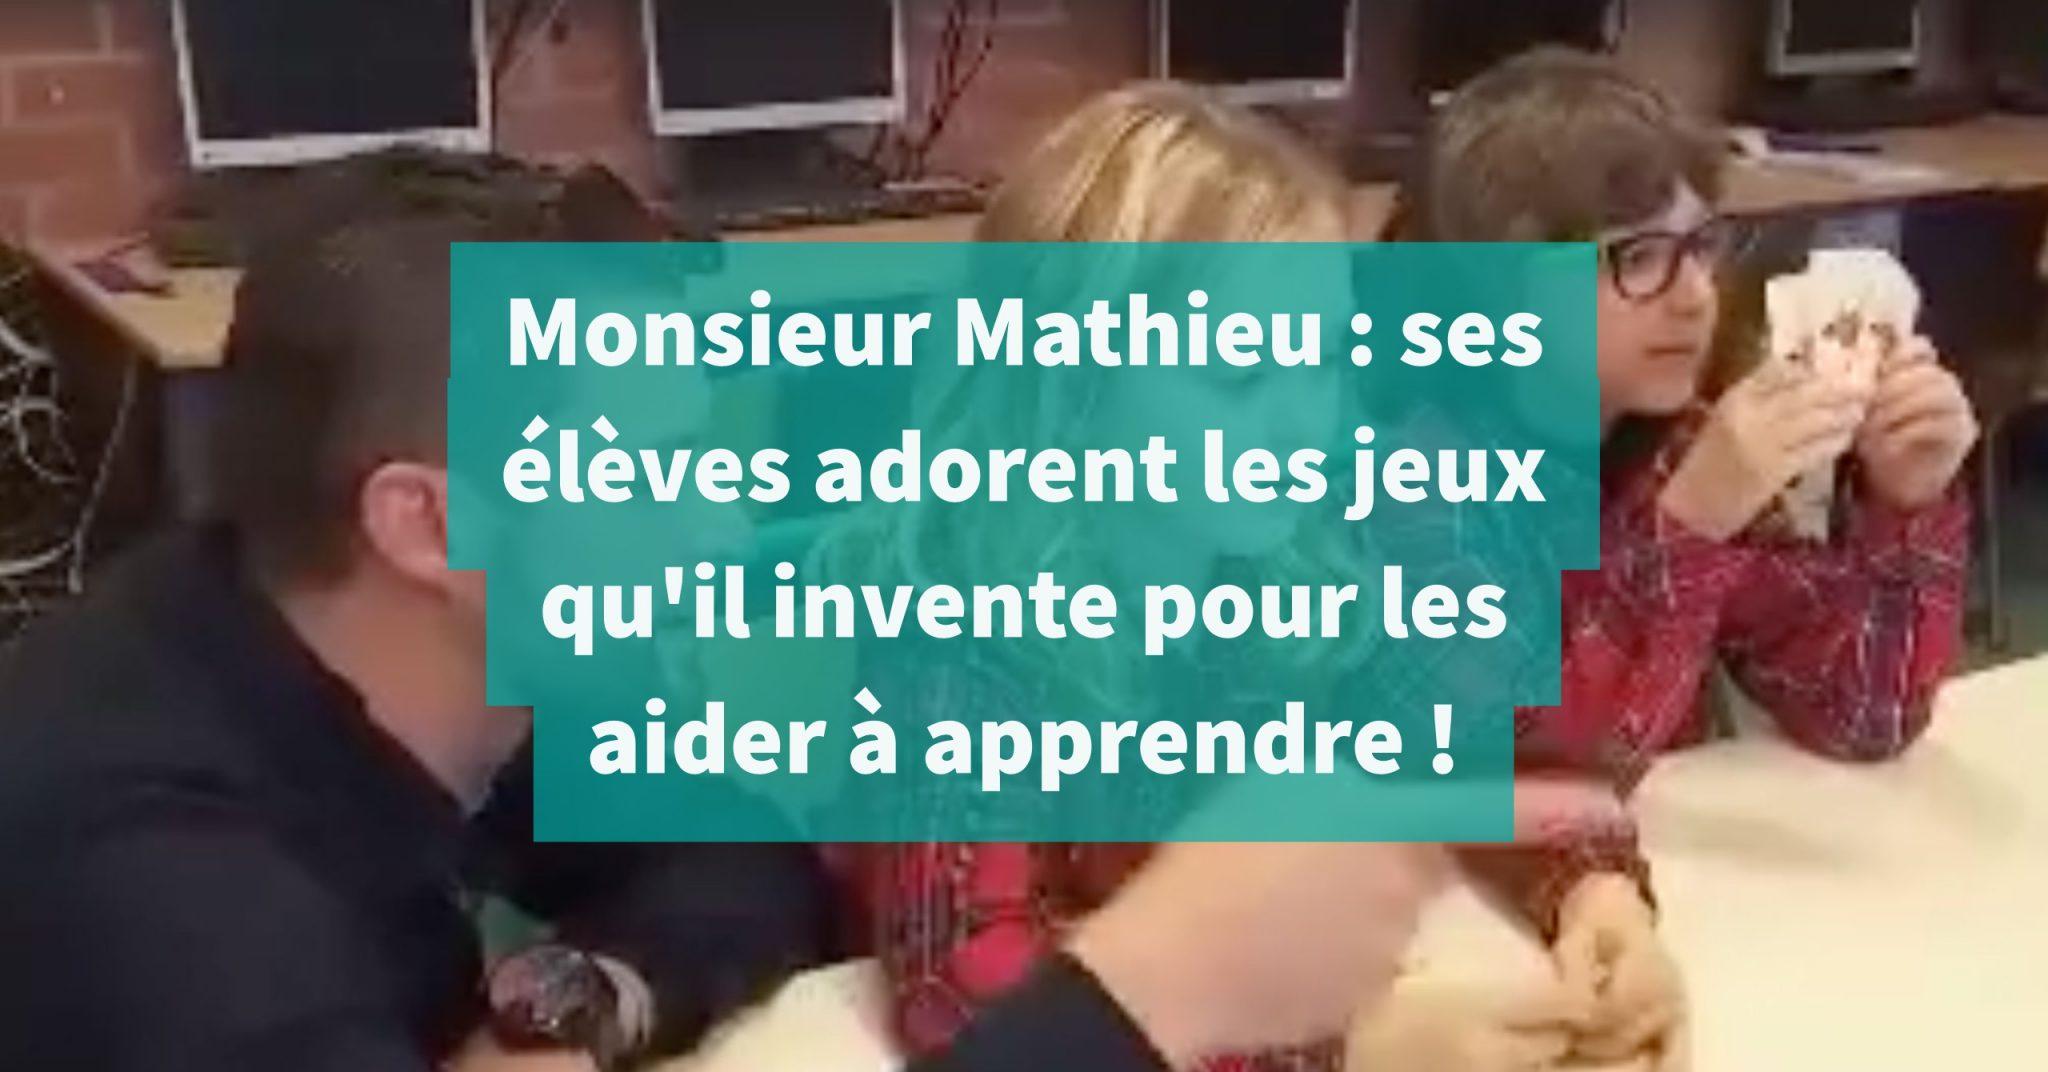 Monsieur Mathieu